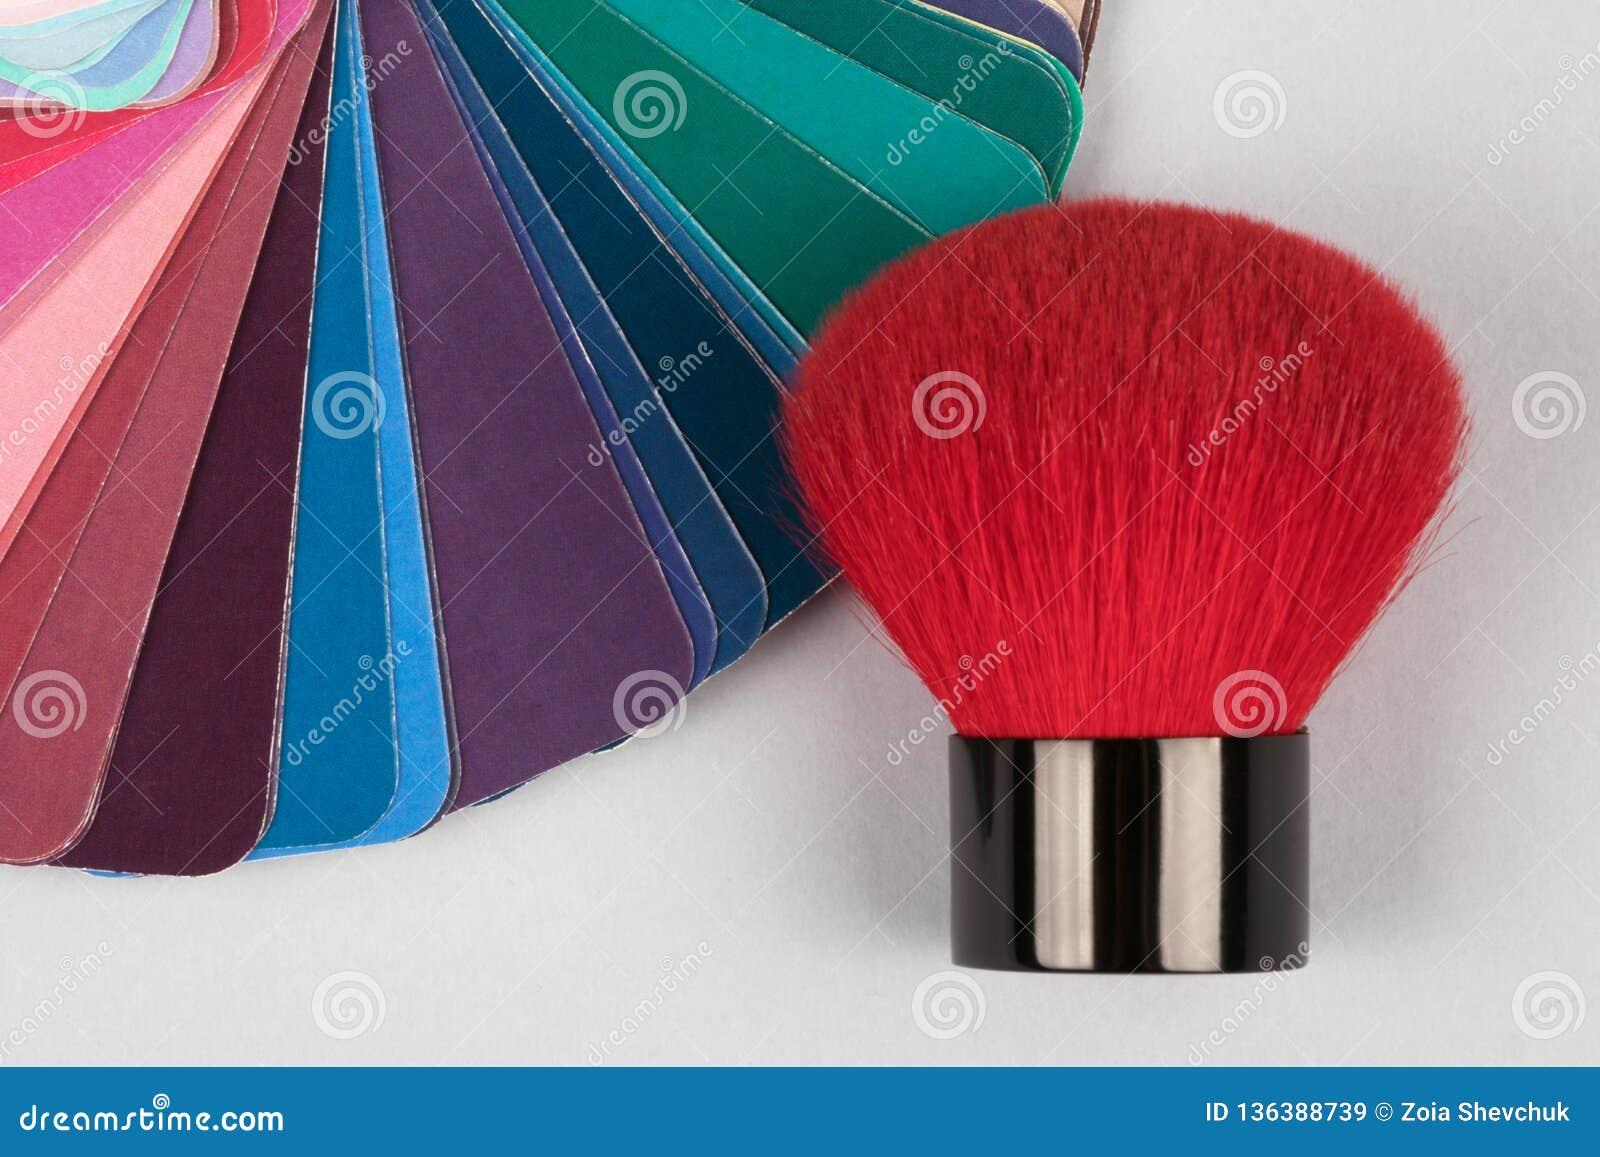 颜色有各种各样的油漆样品的爱好者甲板与红色刷子的构成的